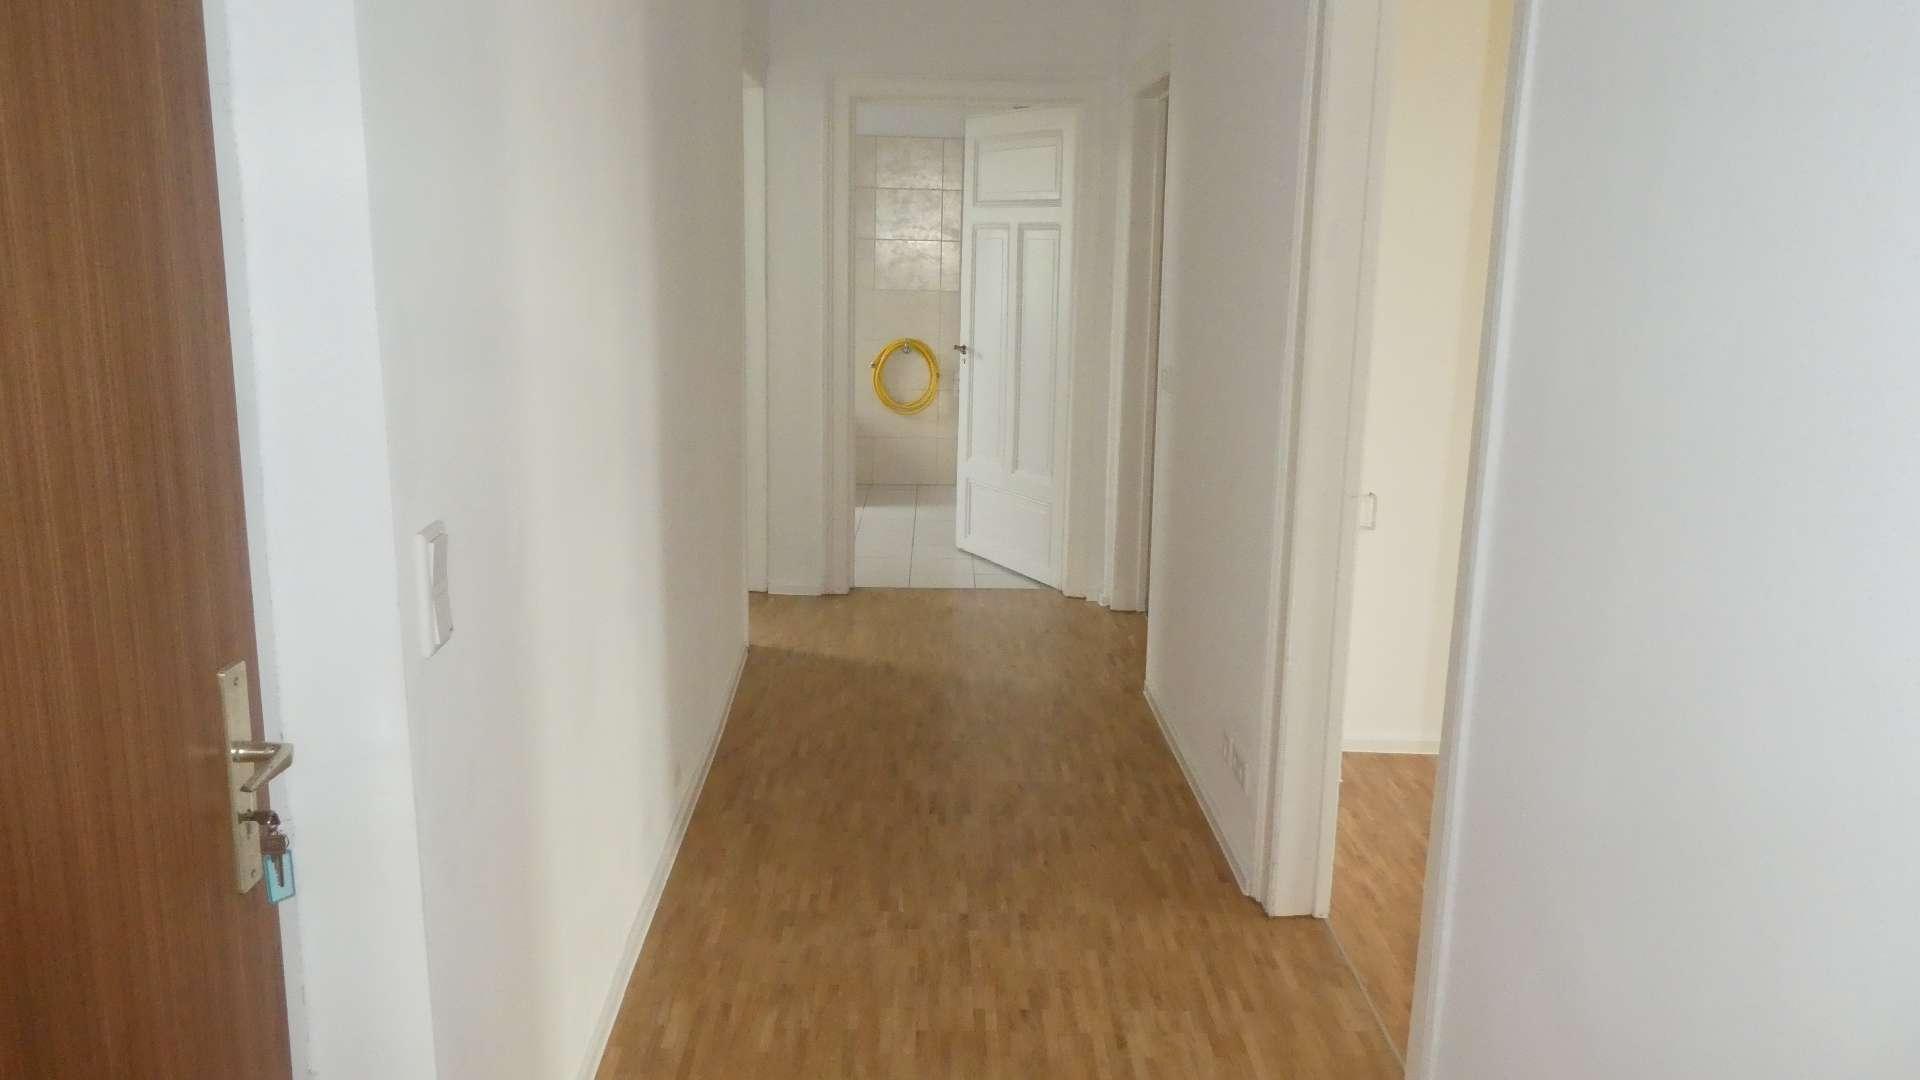 Jugendstil-Anwesen ! Kernsanierte stilvolle 3-ZW, ca. 95 m²,Wohnküche, neue Parkettböden, in